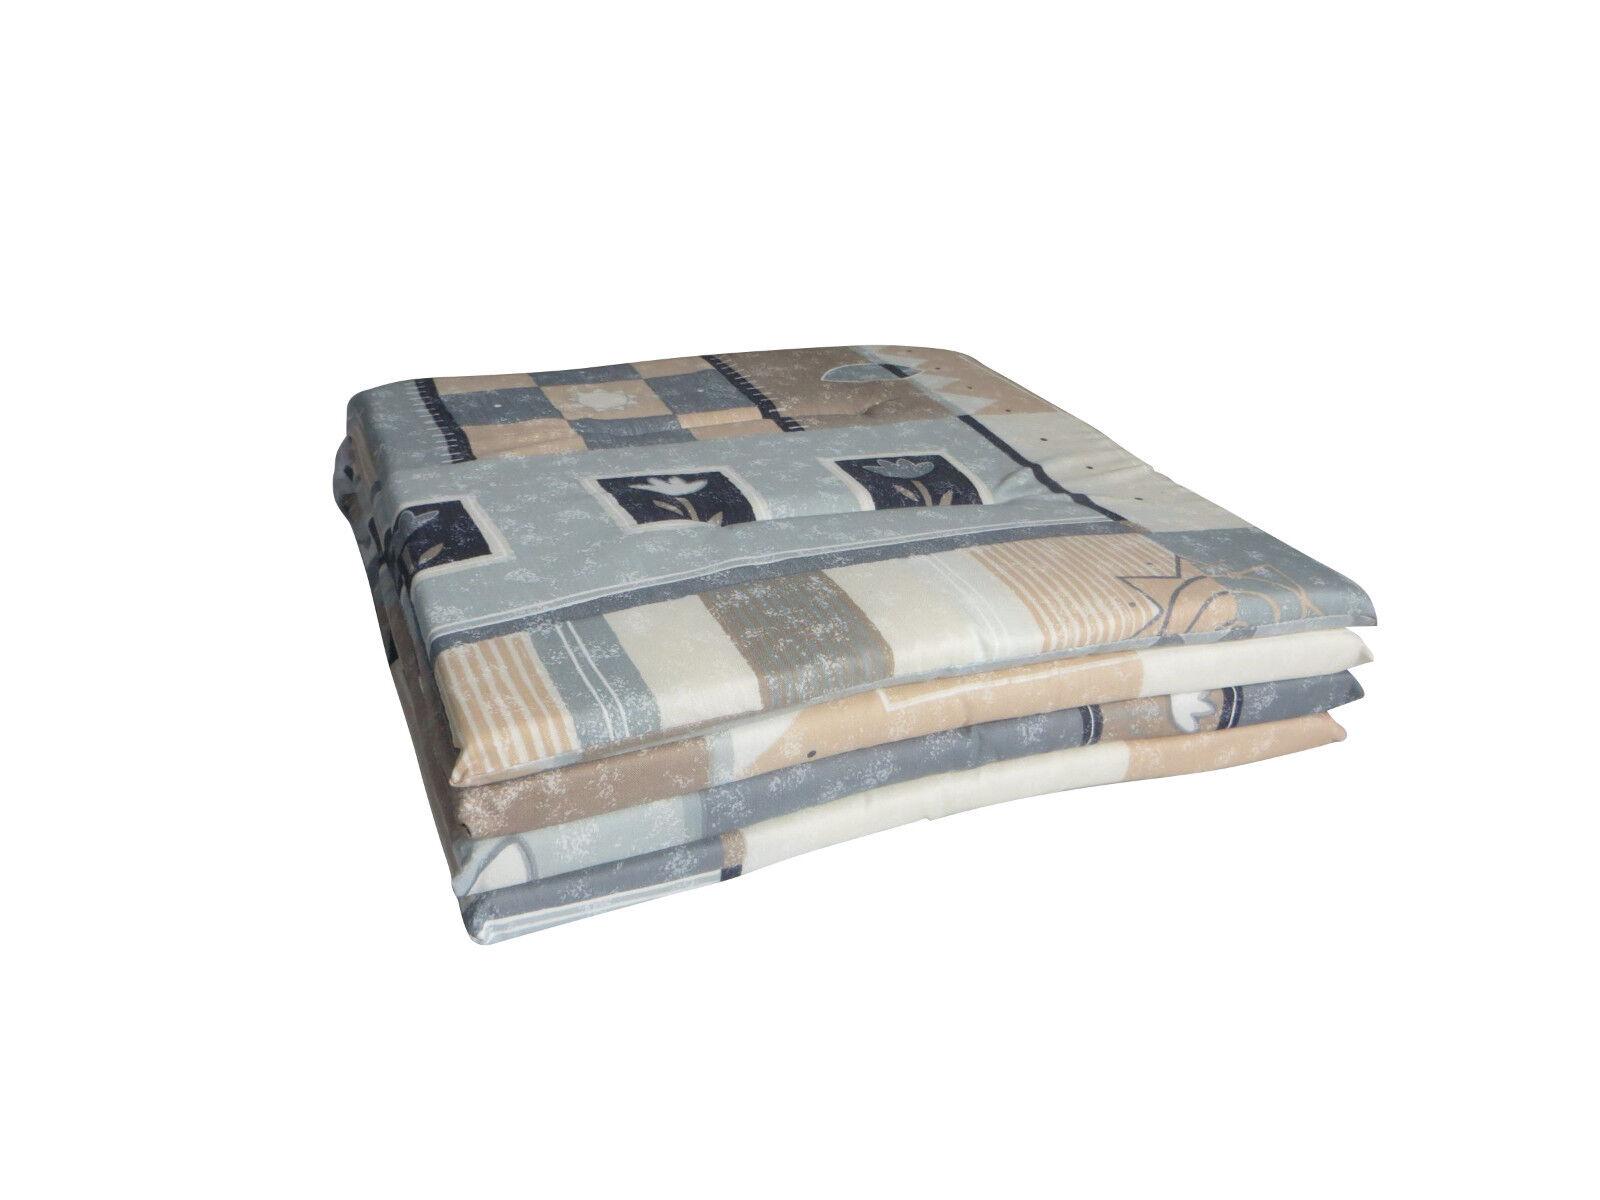 4er-Set Plattenkissen Softkissen Sitzkissen Stuhlkissen Kissen 38,5x38,5cm blau